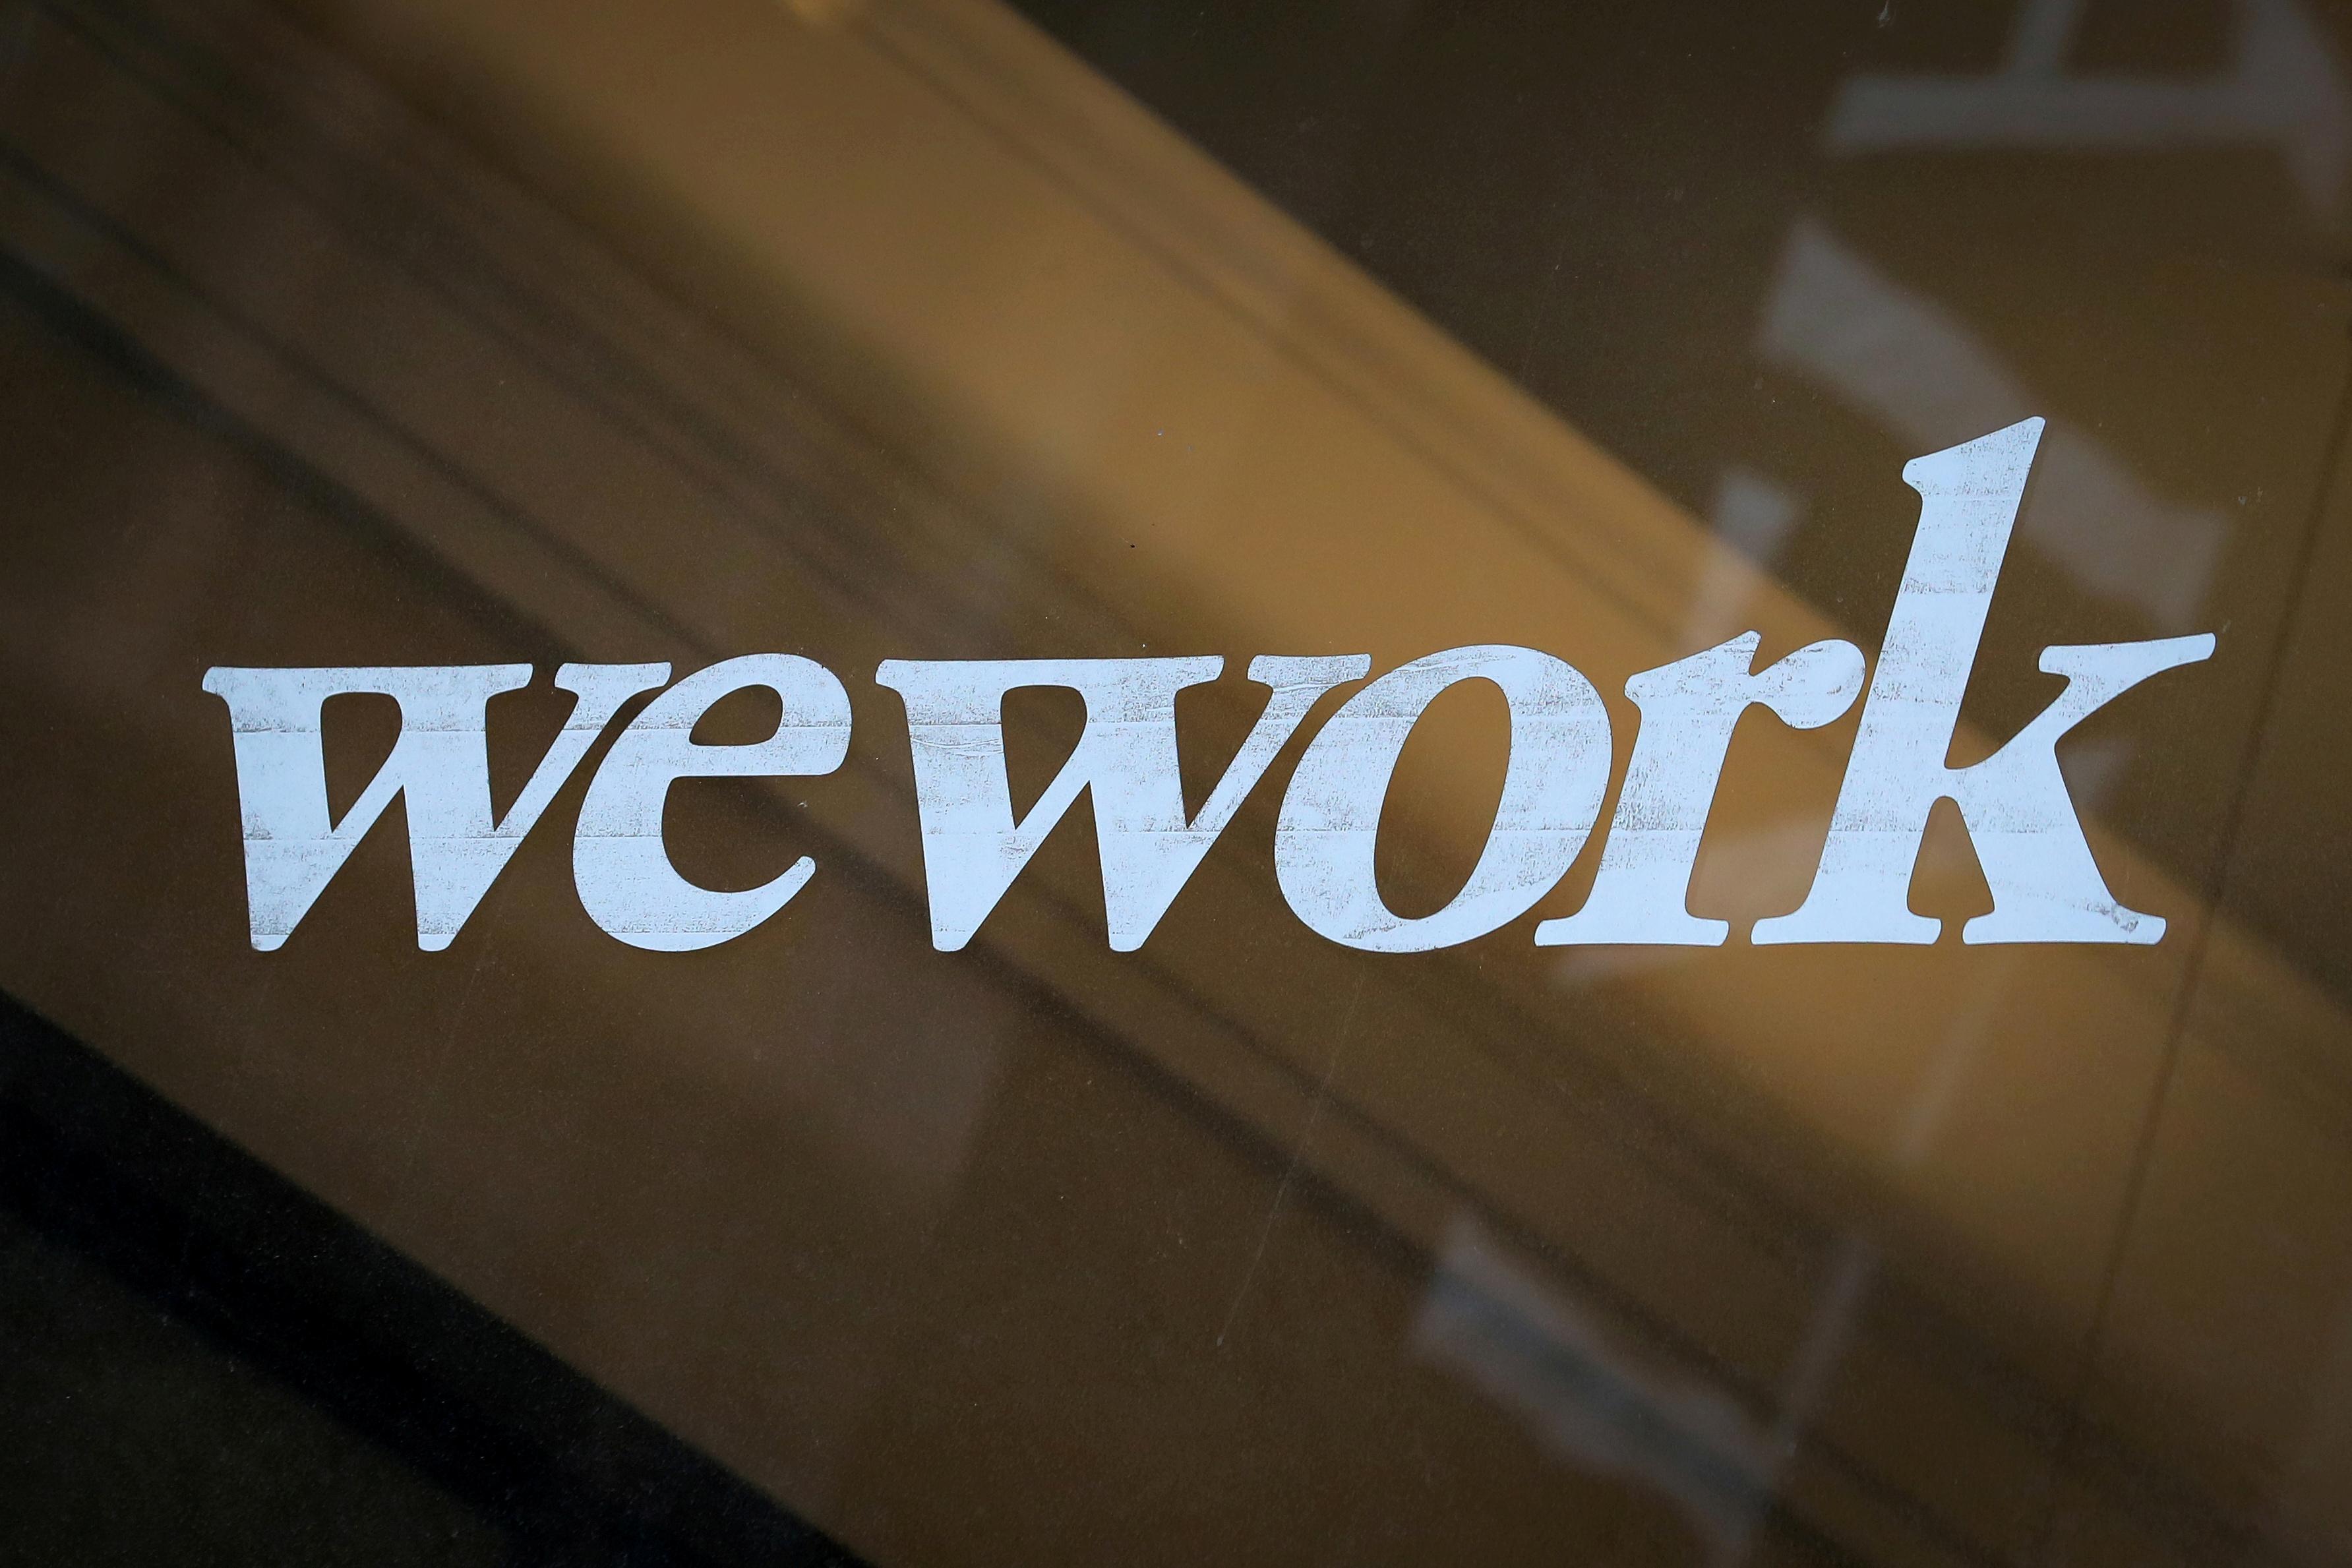 WeWork considers slashing IPO valuation amid pushback: sources